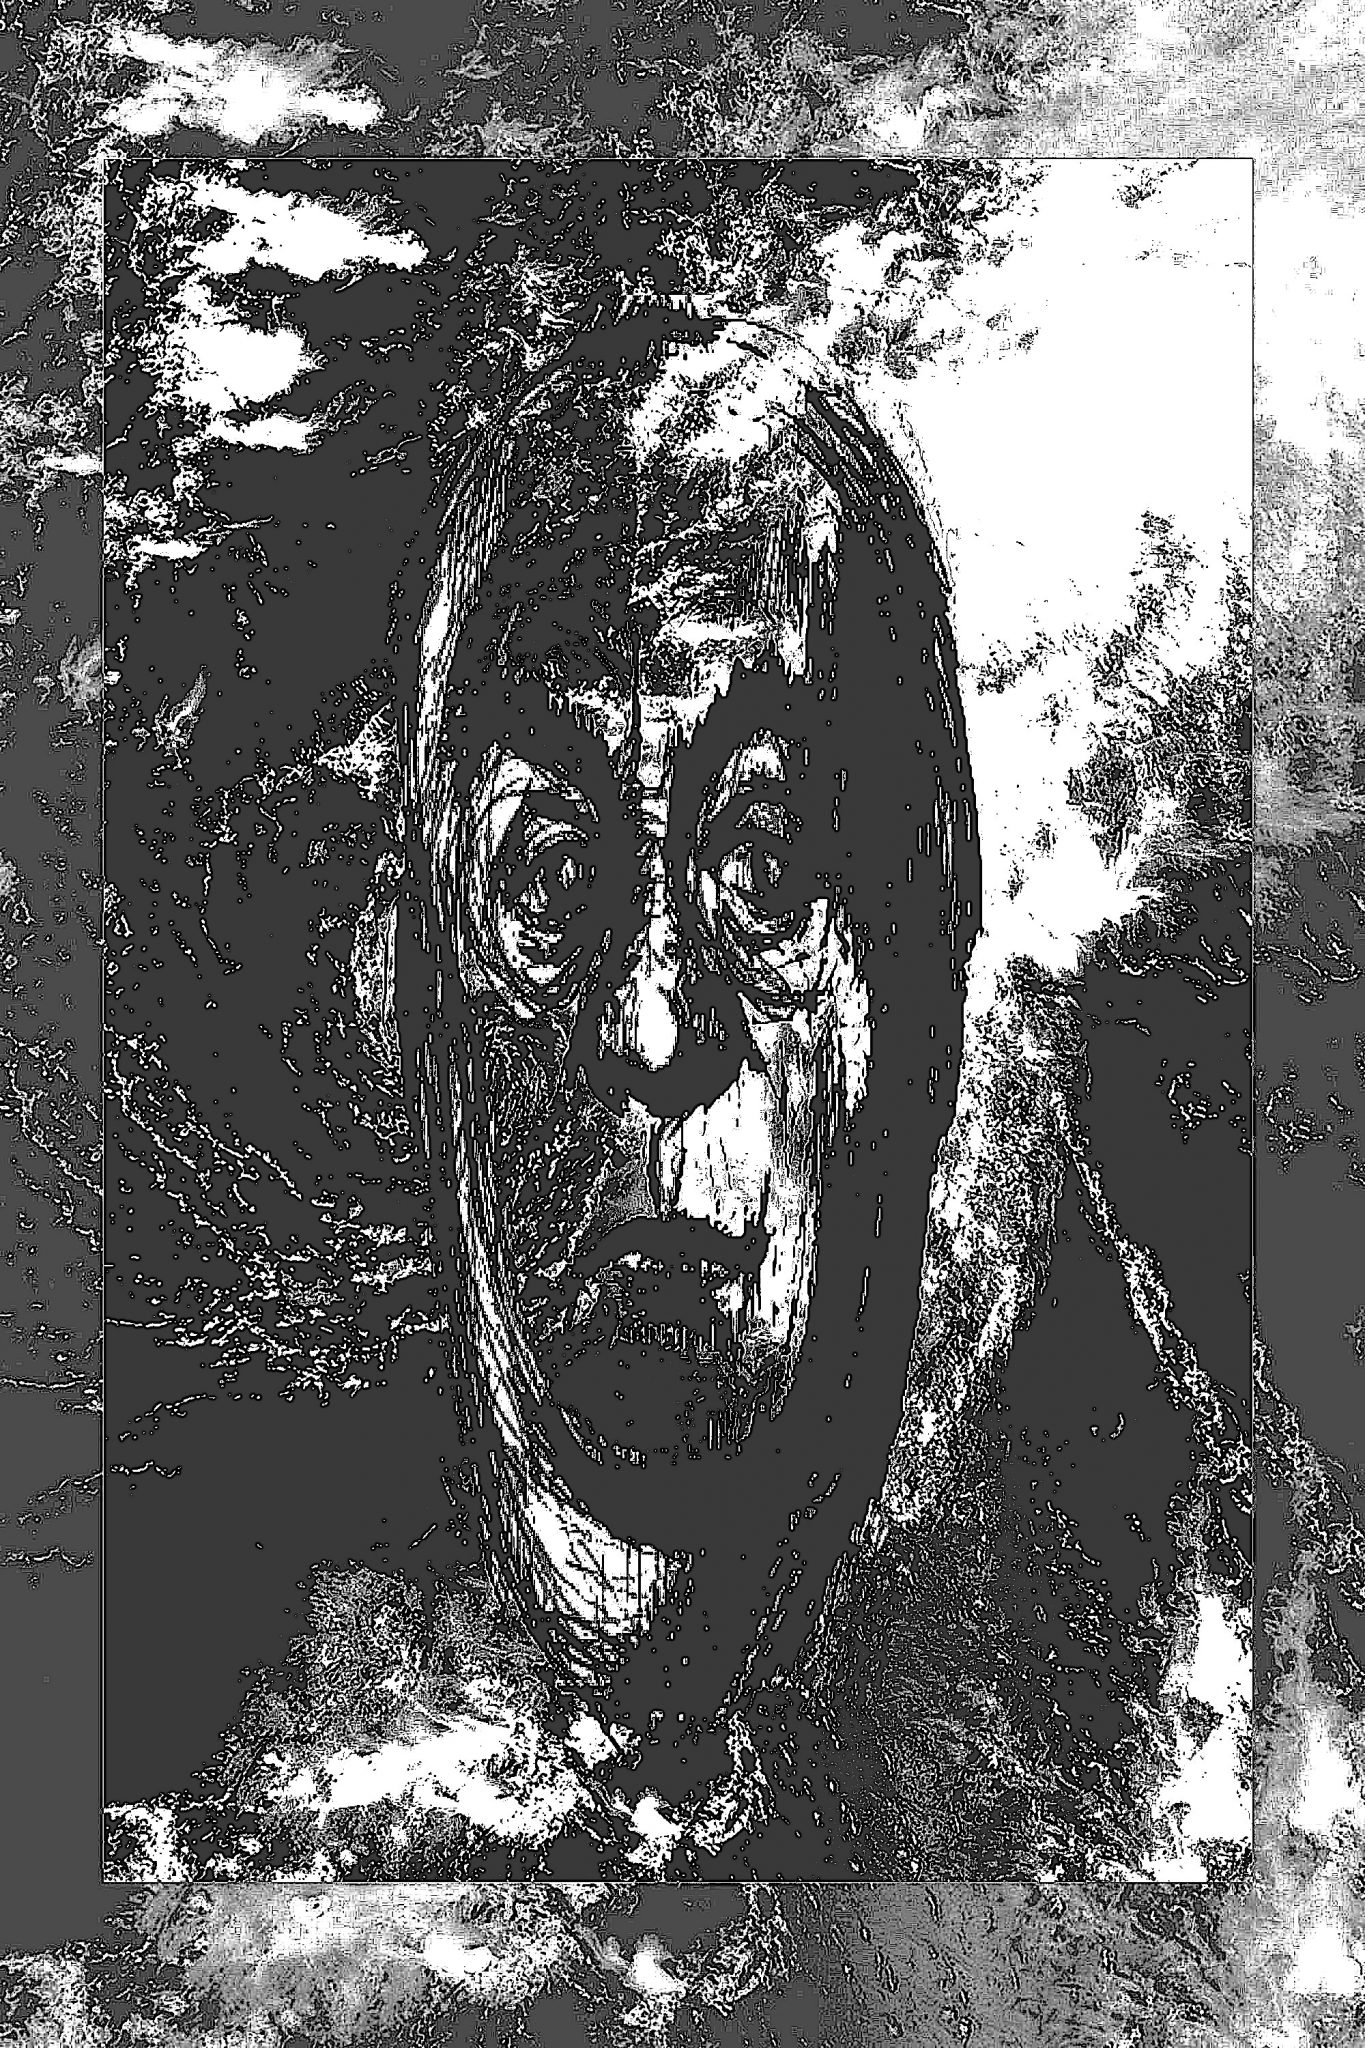 Maskenfreiheit 𝑏𝑦 James Krendel-Clark